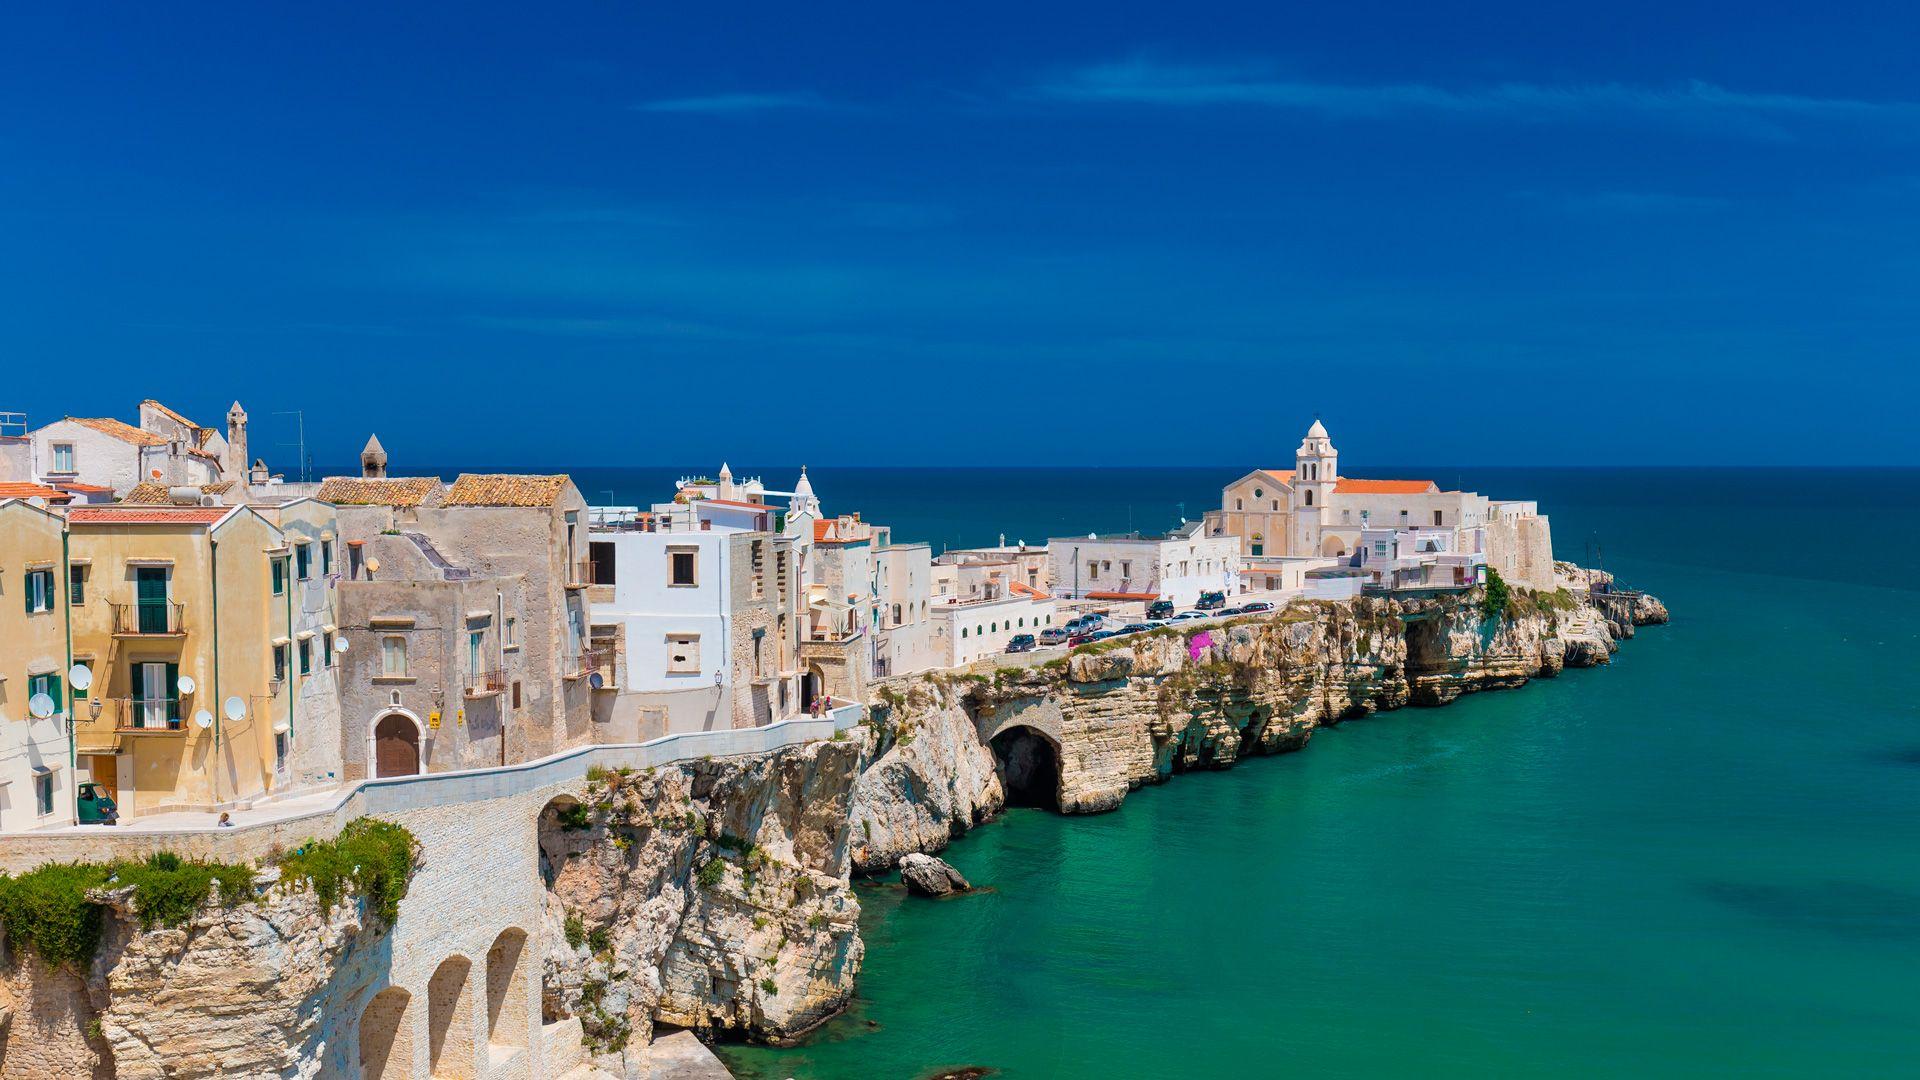 Apulien Karte Strände.Apulien Boutiquehotels Trulli Strandhotels Ferienhäuser